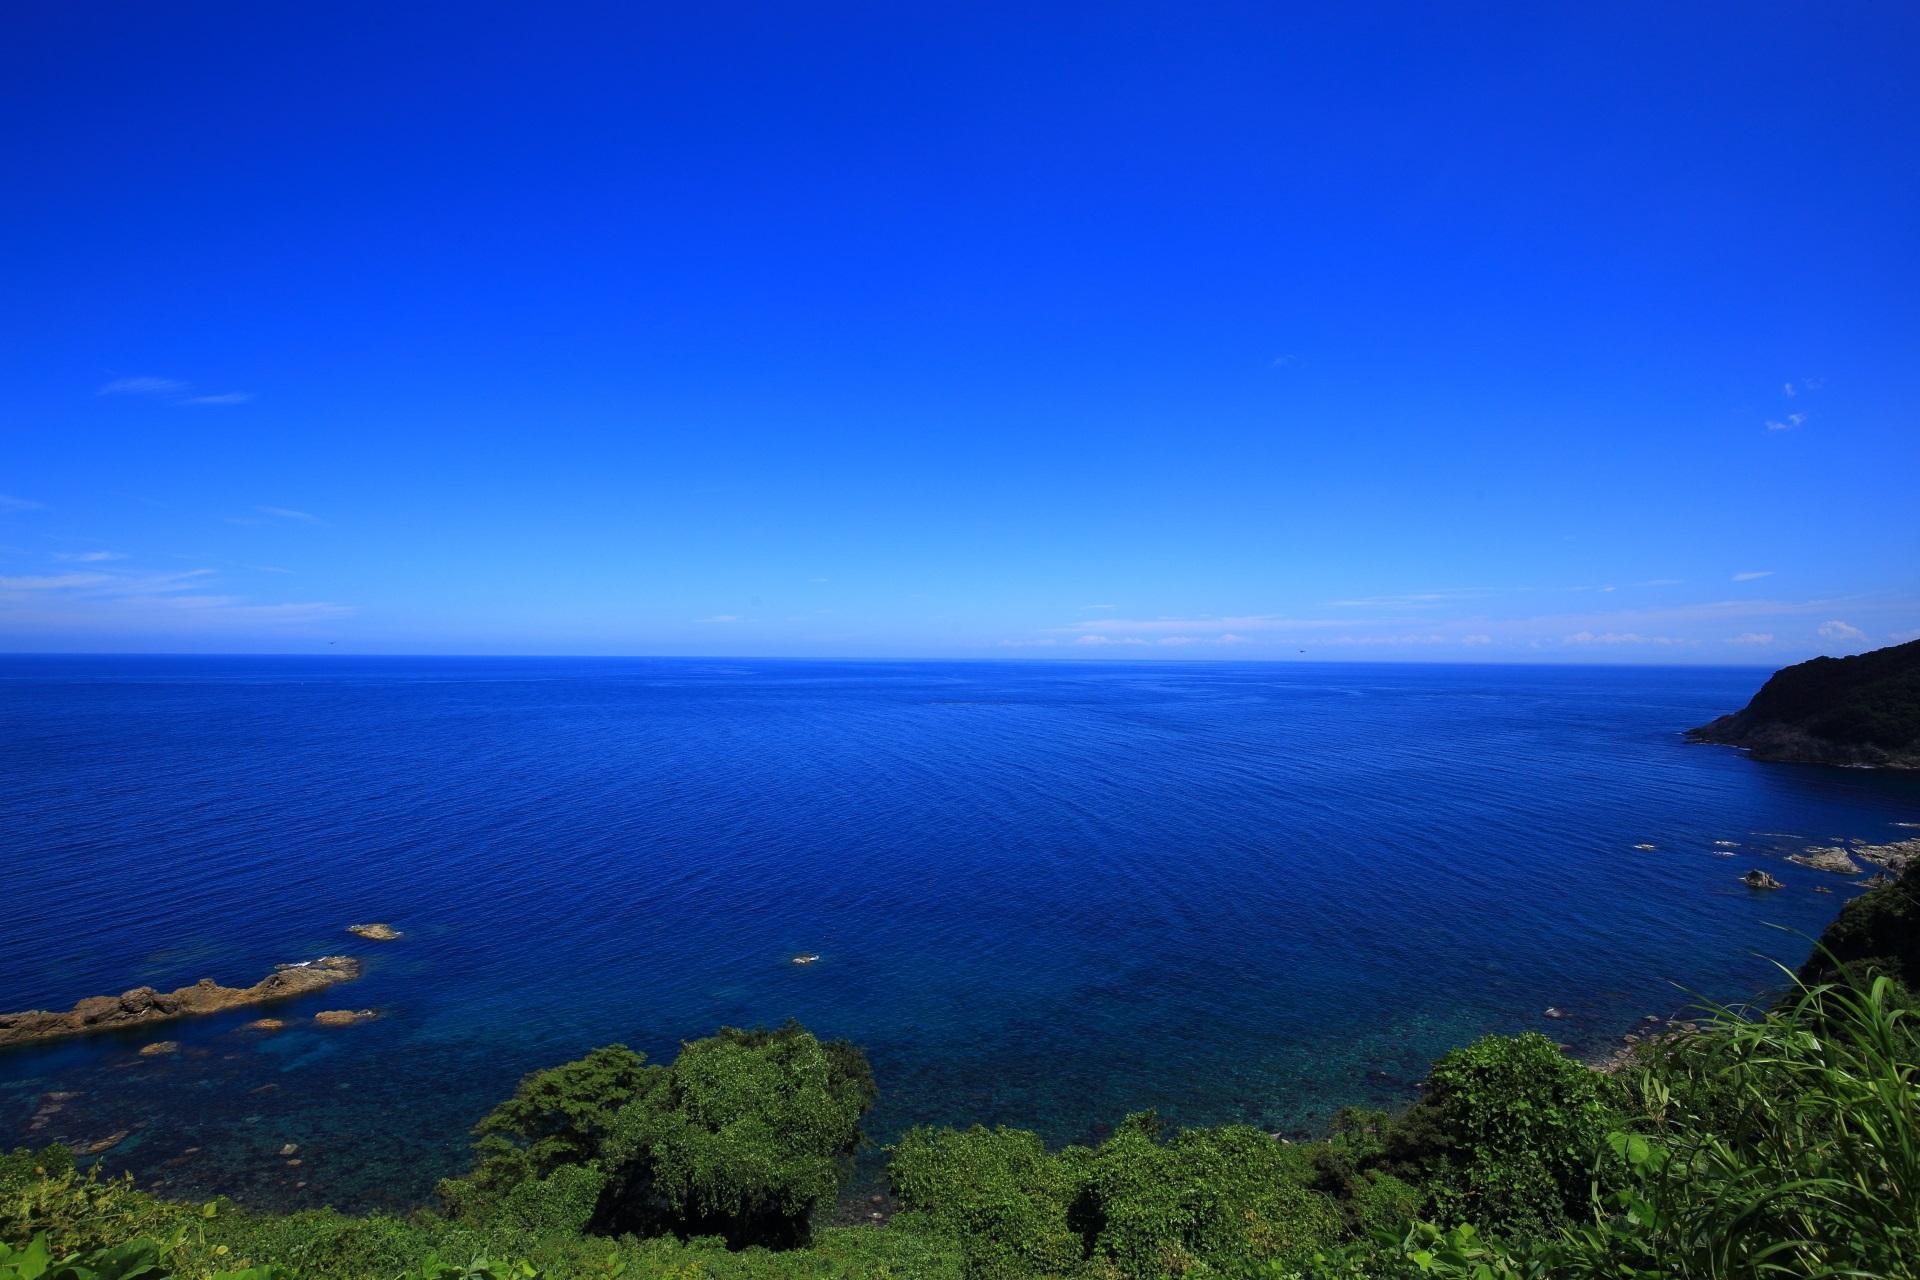 崖が少なくなり少し緩やかな感じの視界が開けるカマヤ海岸